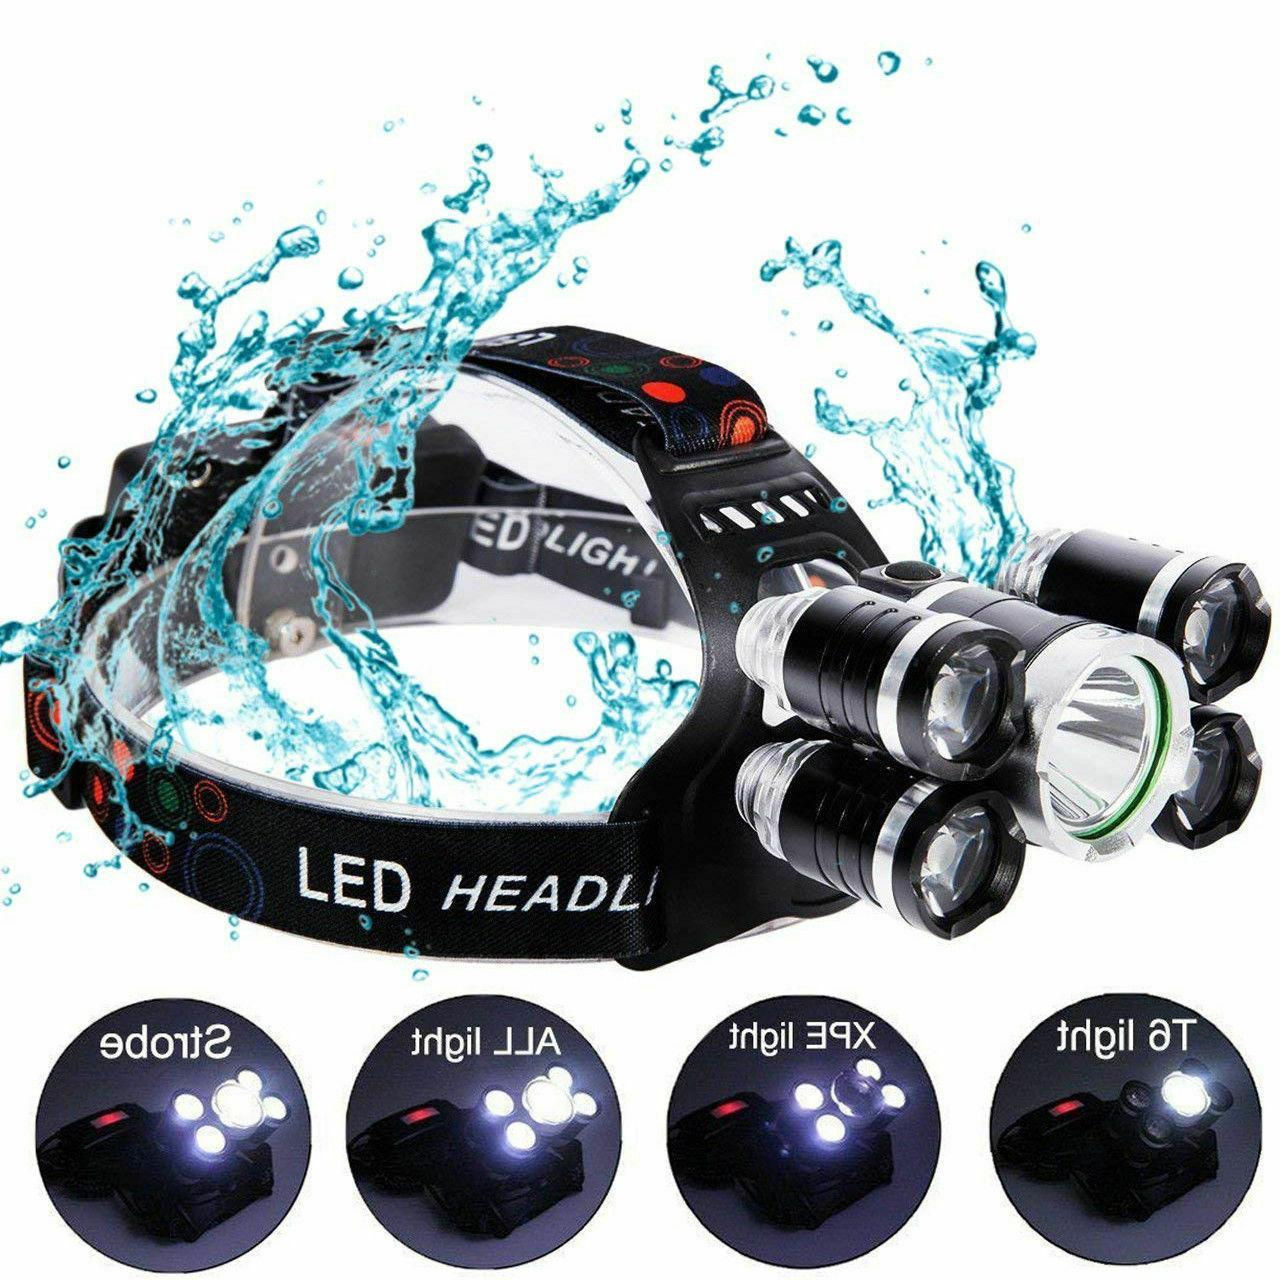 Super-bright 5 XM-L Headlamp Headlight Flashlight Head